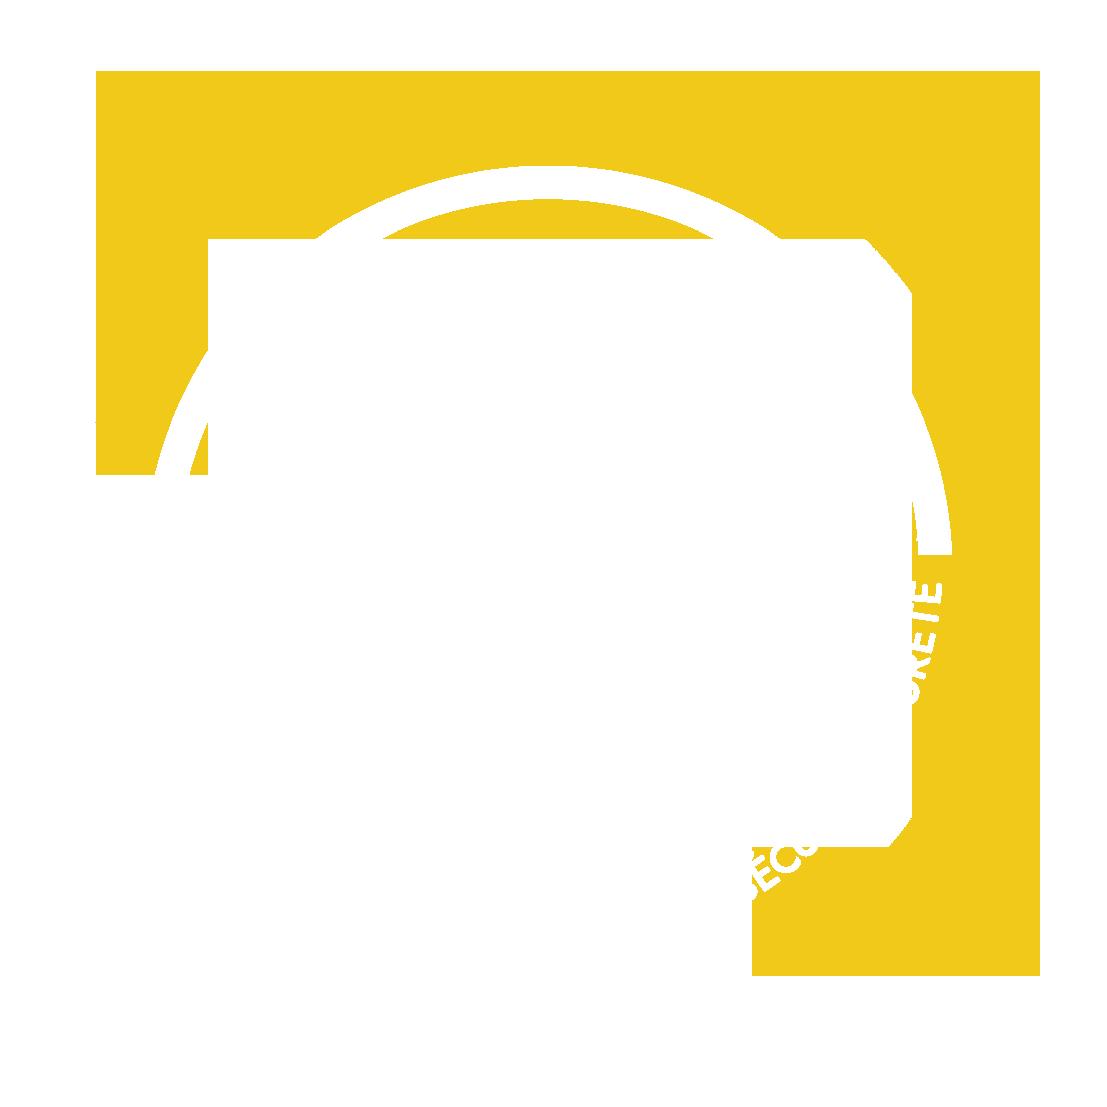 ACISS Société spécialisée dans le domaine de la sécurité et de la sûreté